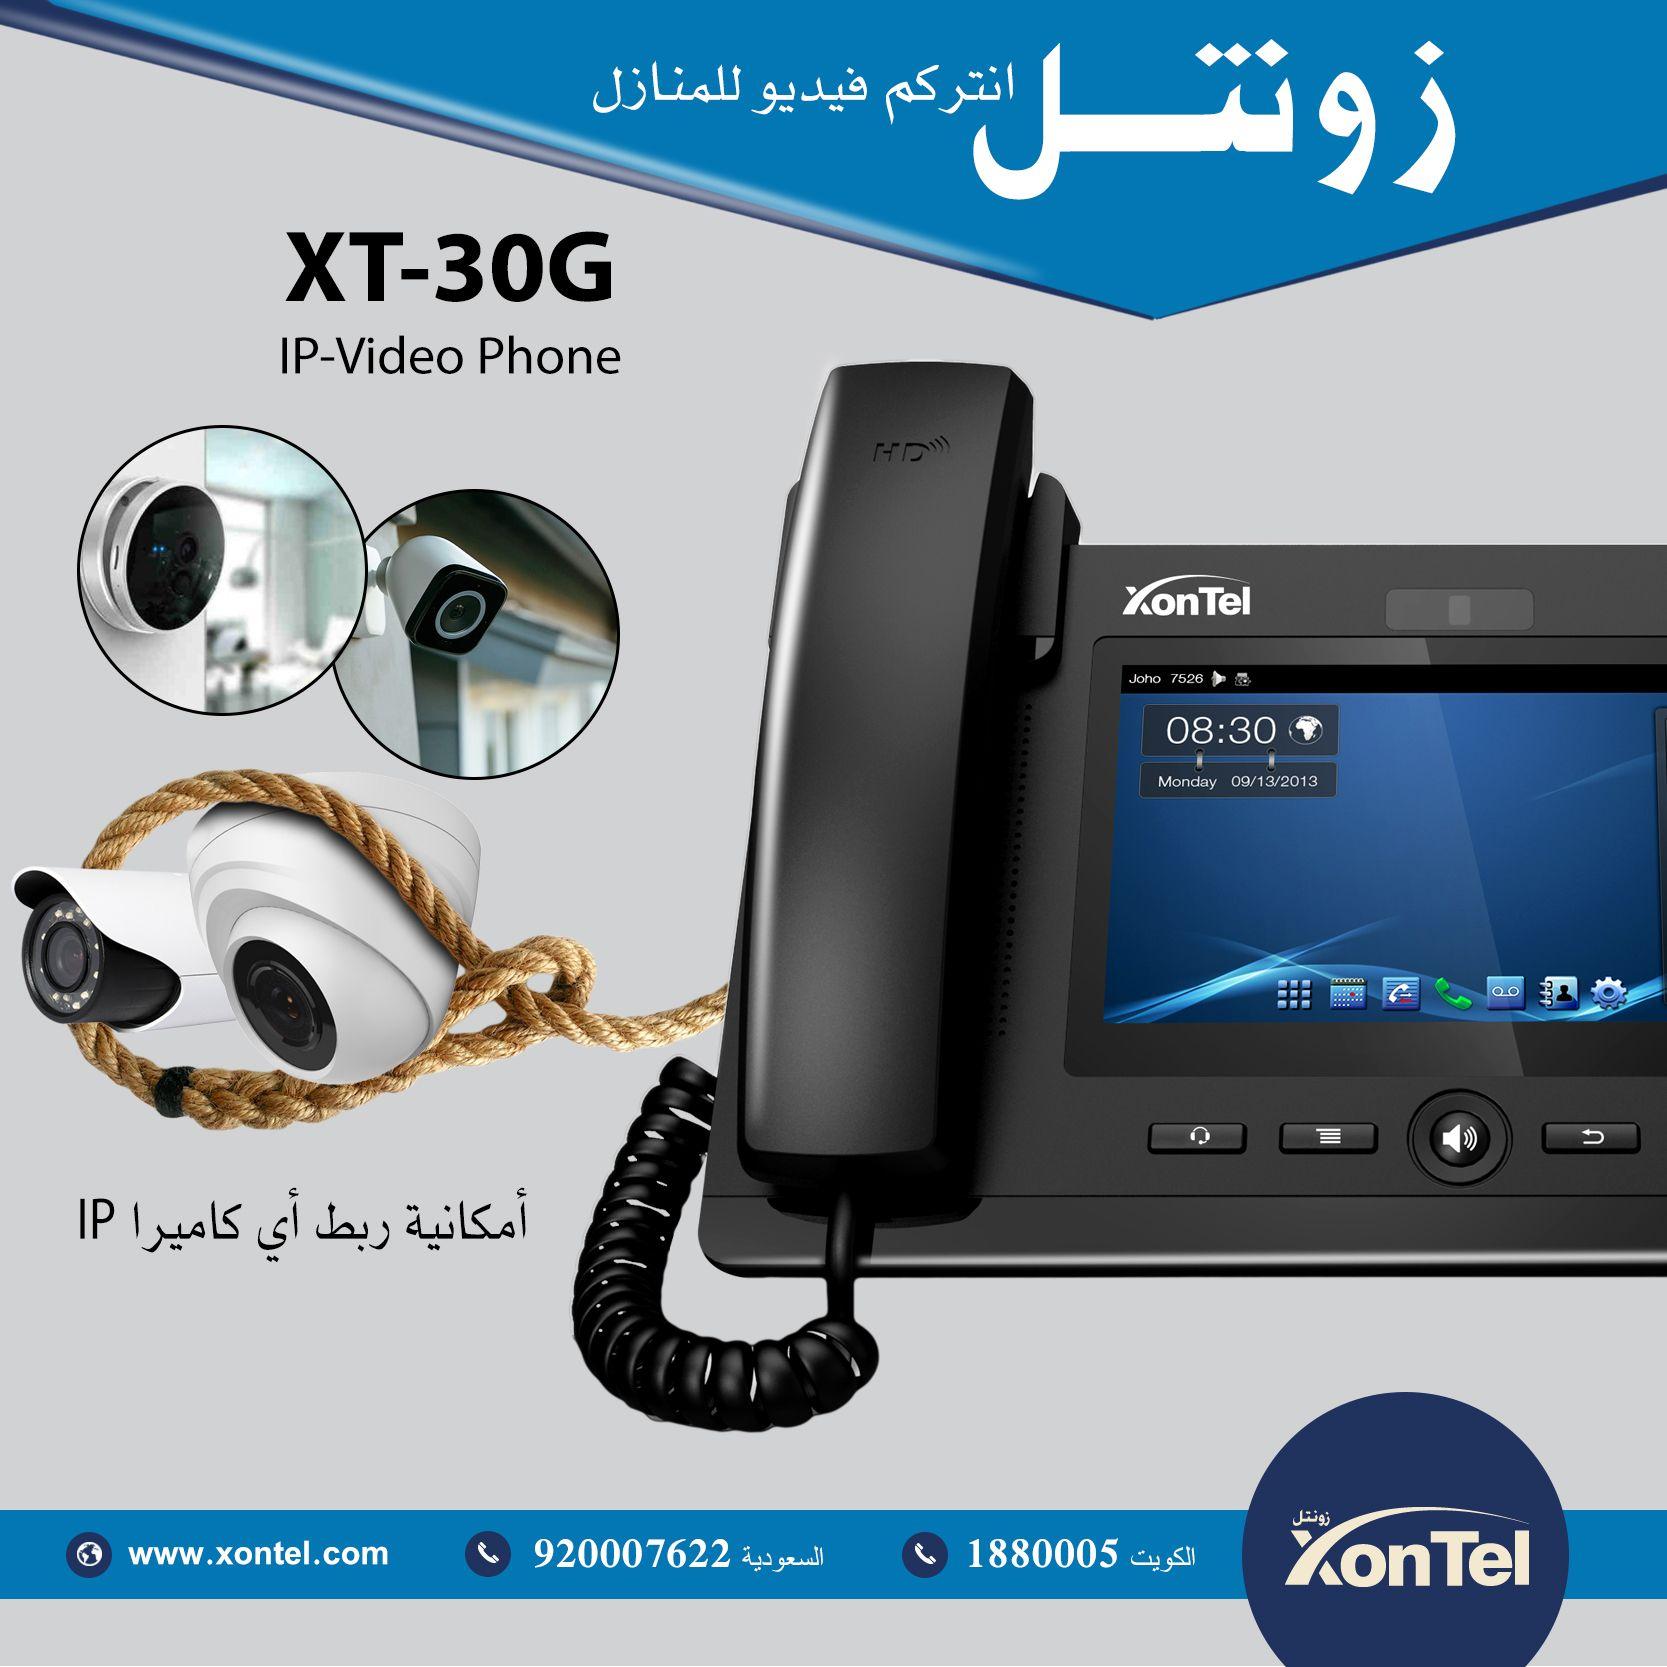 هاتف زونتل الجديد Xt 30g Ip Video Phone بشاشة تعمل باللمس بقياس ٧ انش تستطيع ربطه مع اى كاميرا Ip بالمنزل او الشركة او بأى مكان Phone Electronic Products Video